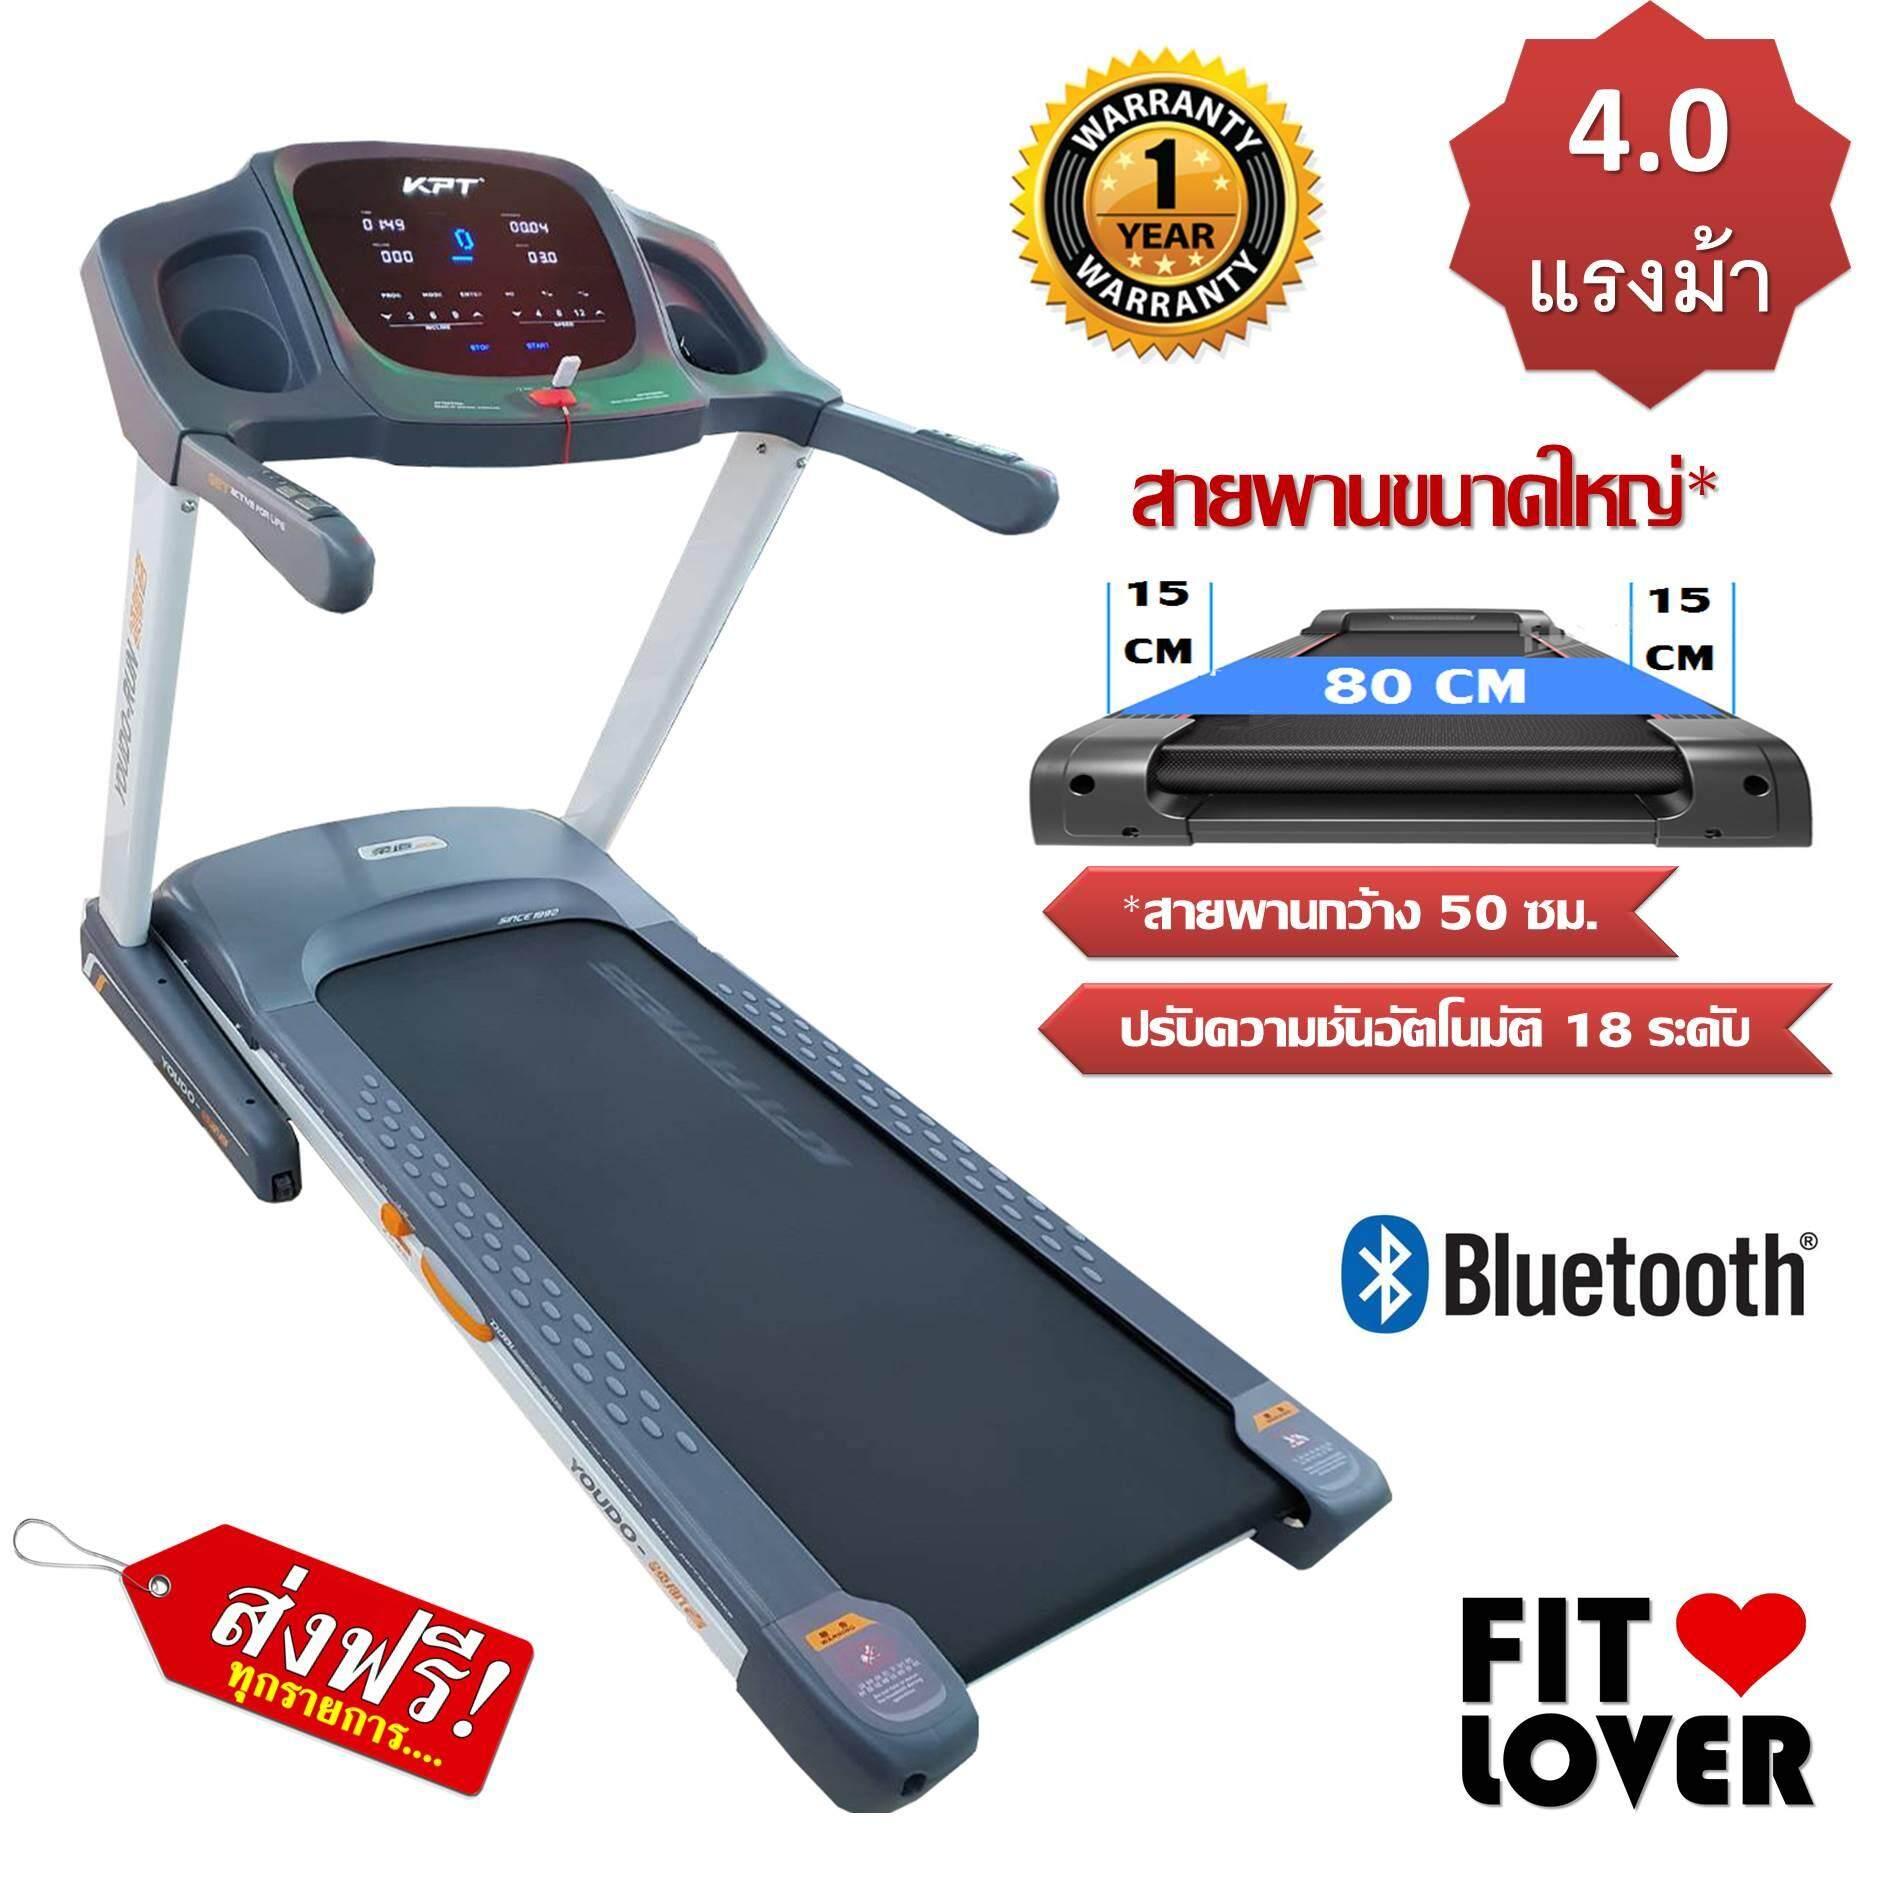 ลดสุดๆ Fit Lover ลู่วิ่งไฟฟ้า 4.0 แรงม้า 4.0 HP Electric Treadmill ปรับความชันอัตโนมัติ พับเก็บได้พร้อมระบบ Bluetooth